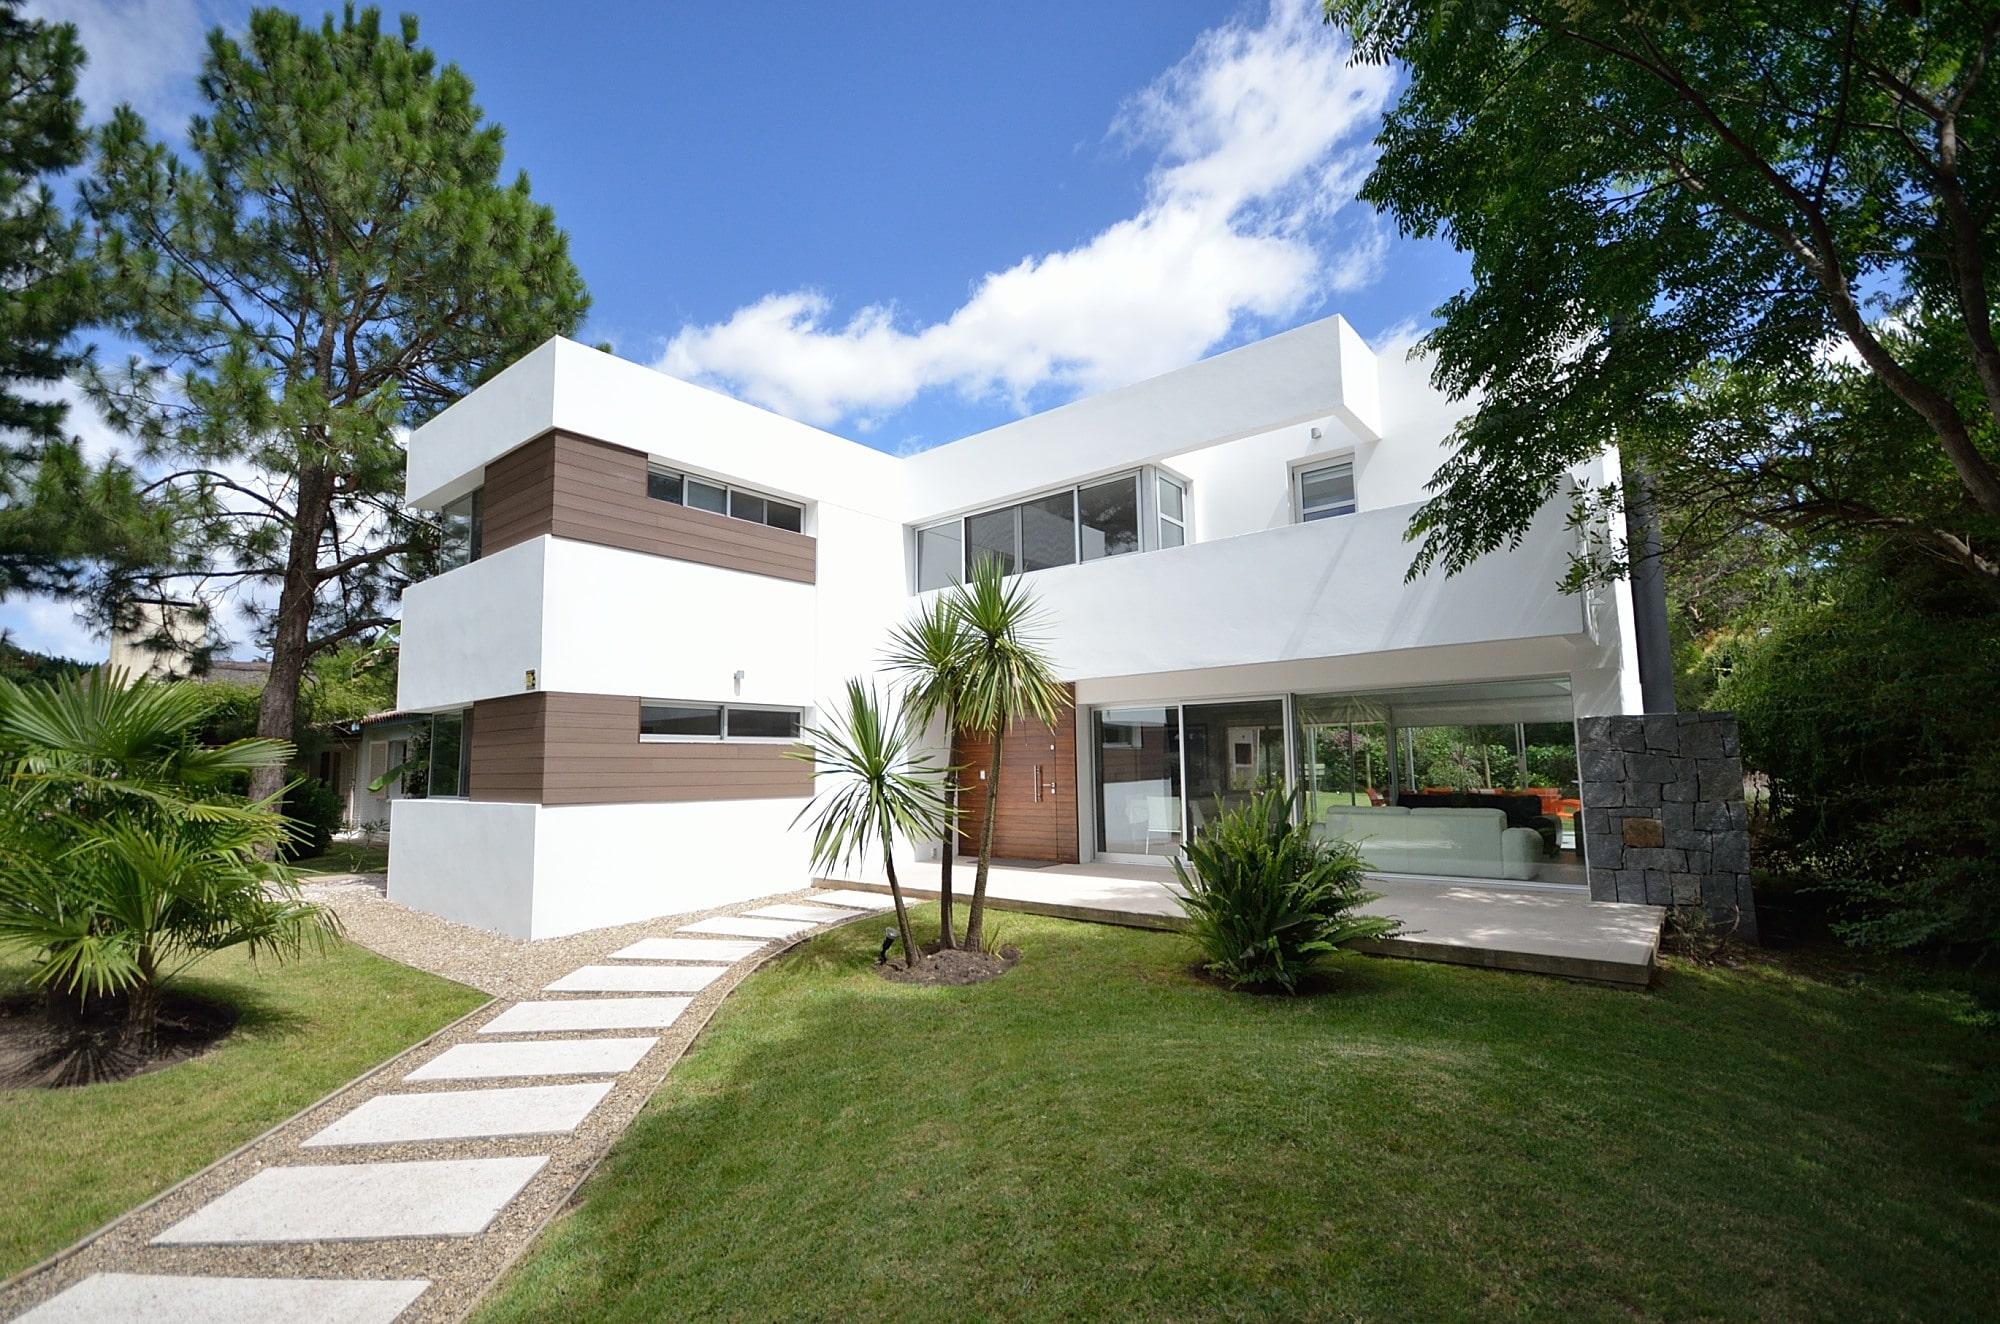 Nuevas fotos de la casa de estilo moderno brava house - Casas unifamiliares modernas ...